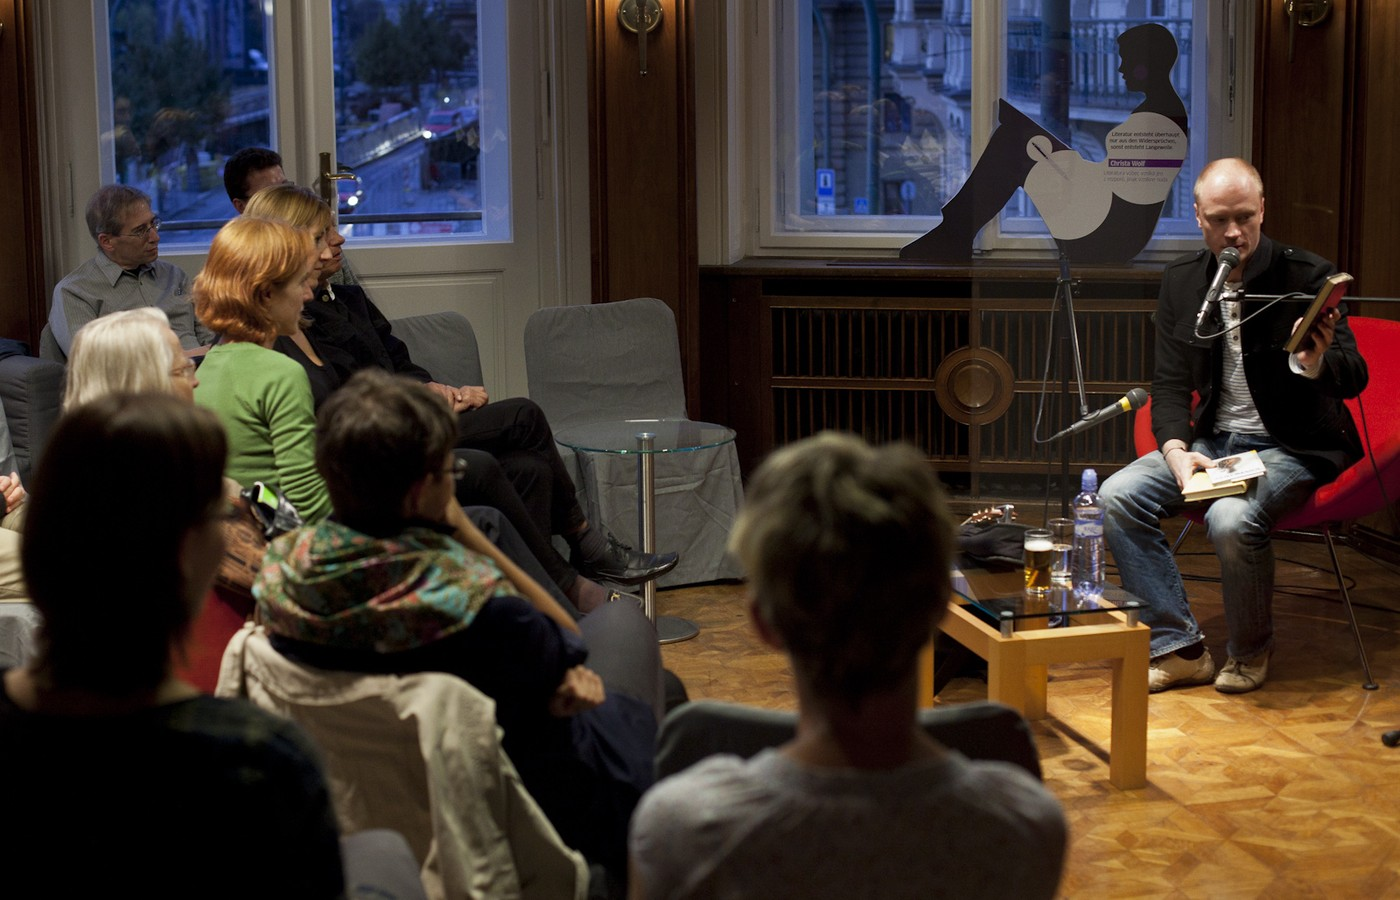 Setkání čtenářů se čtenáři pod taktovkou Jana Budaře